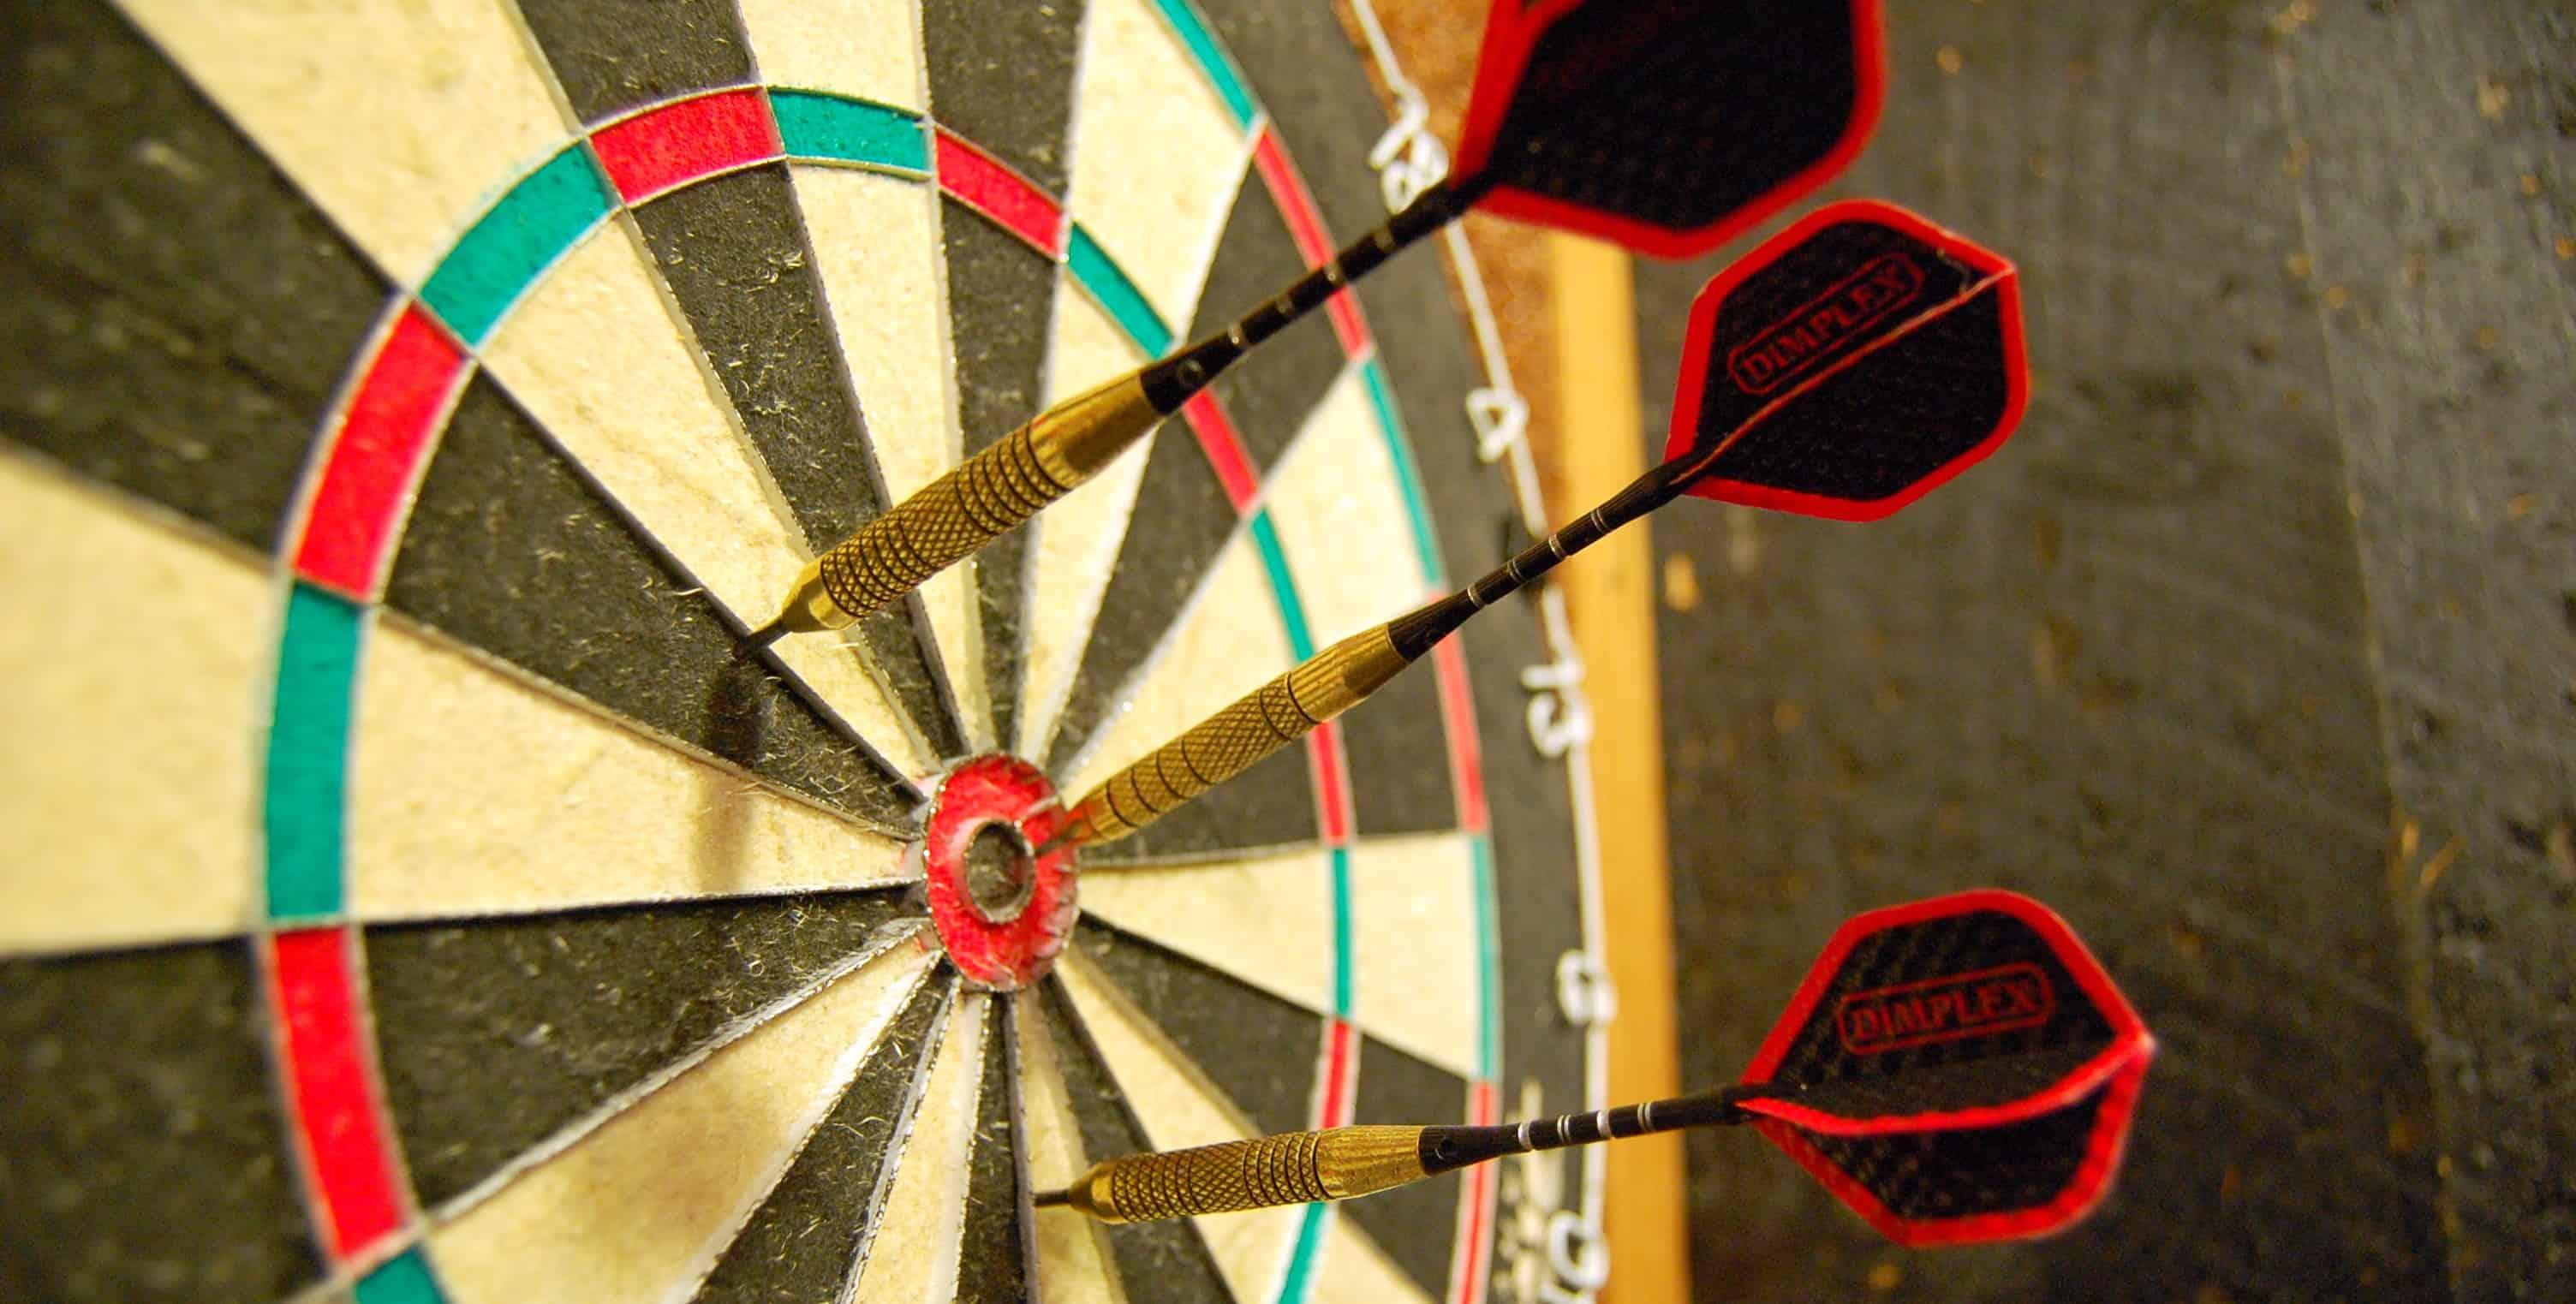 Darts Hitting Bullseye